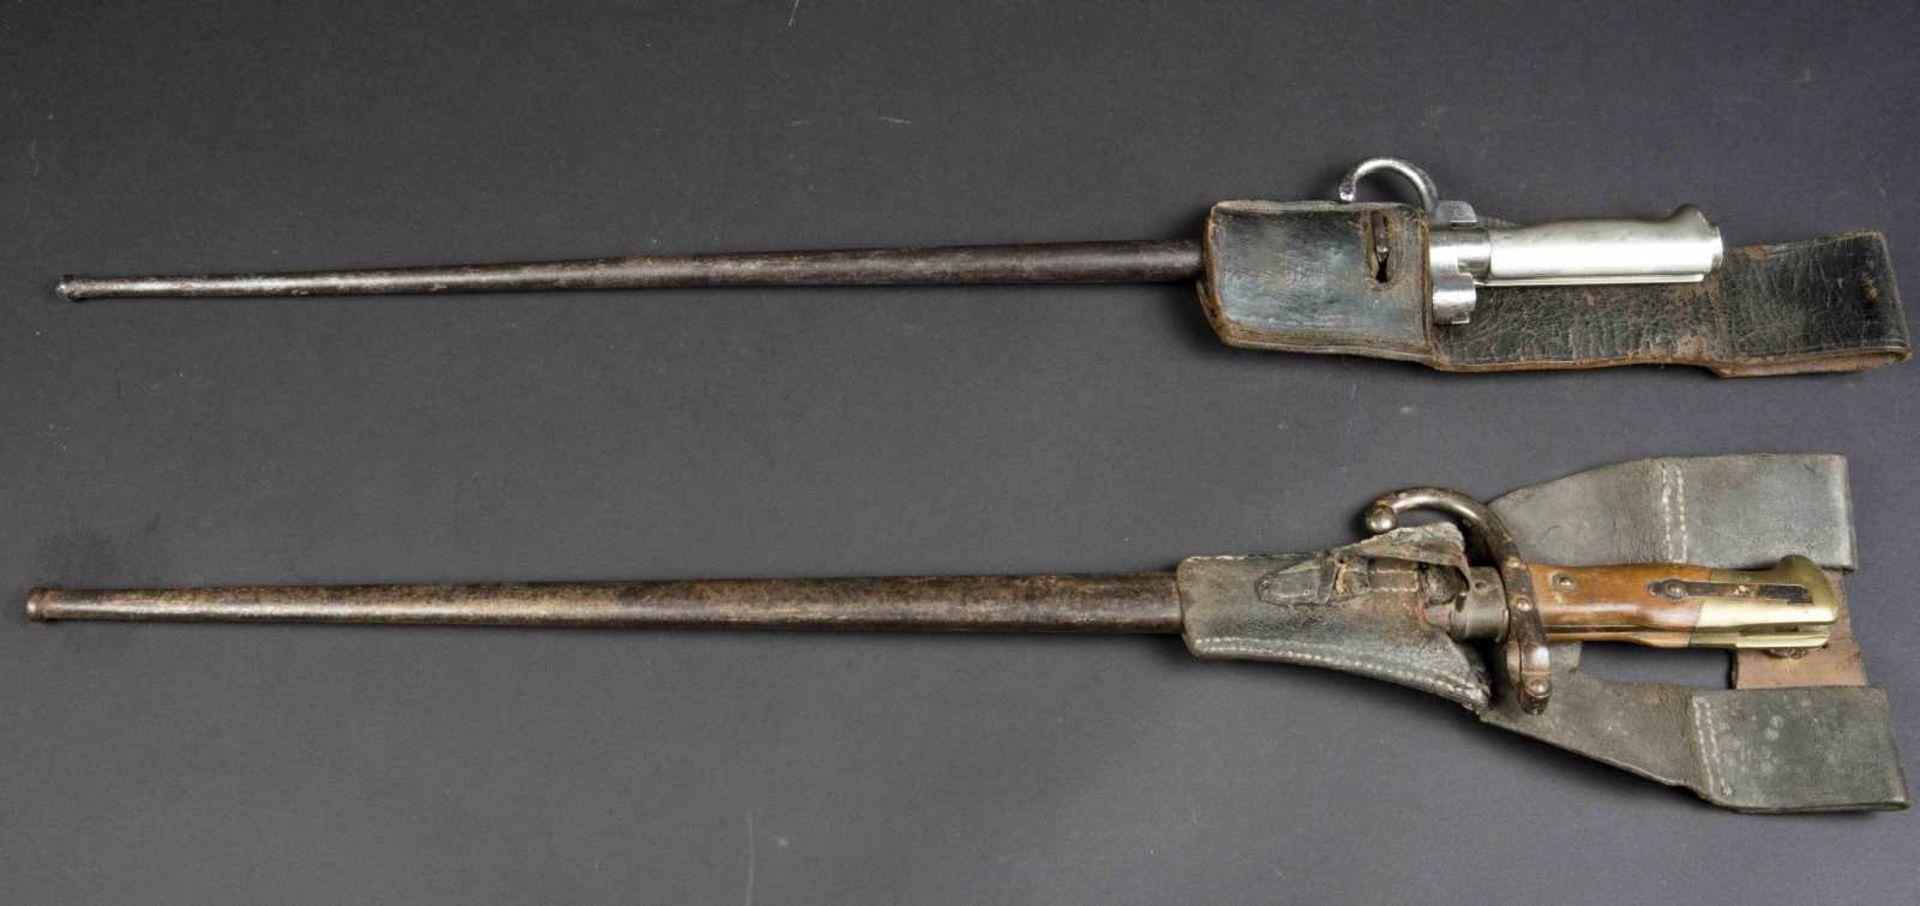 Lot de deux baïonnettes Lebel modèle 1886 poignée maillechort (bon état) avec porte-baïonnette non - Bild 3 aus 4